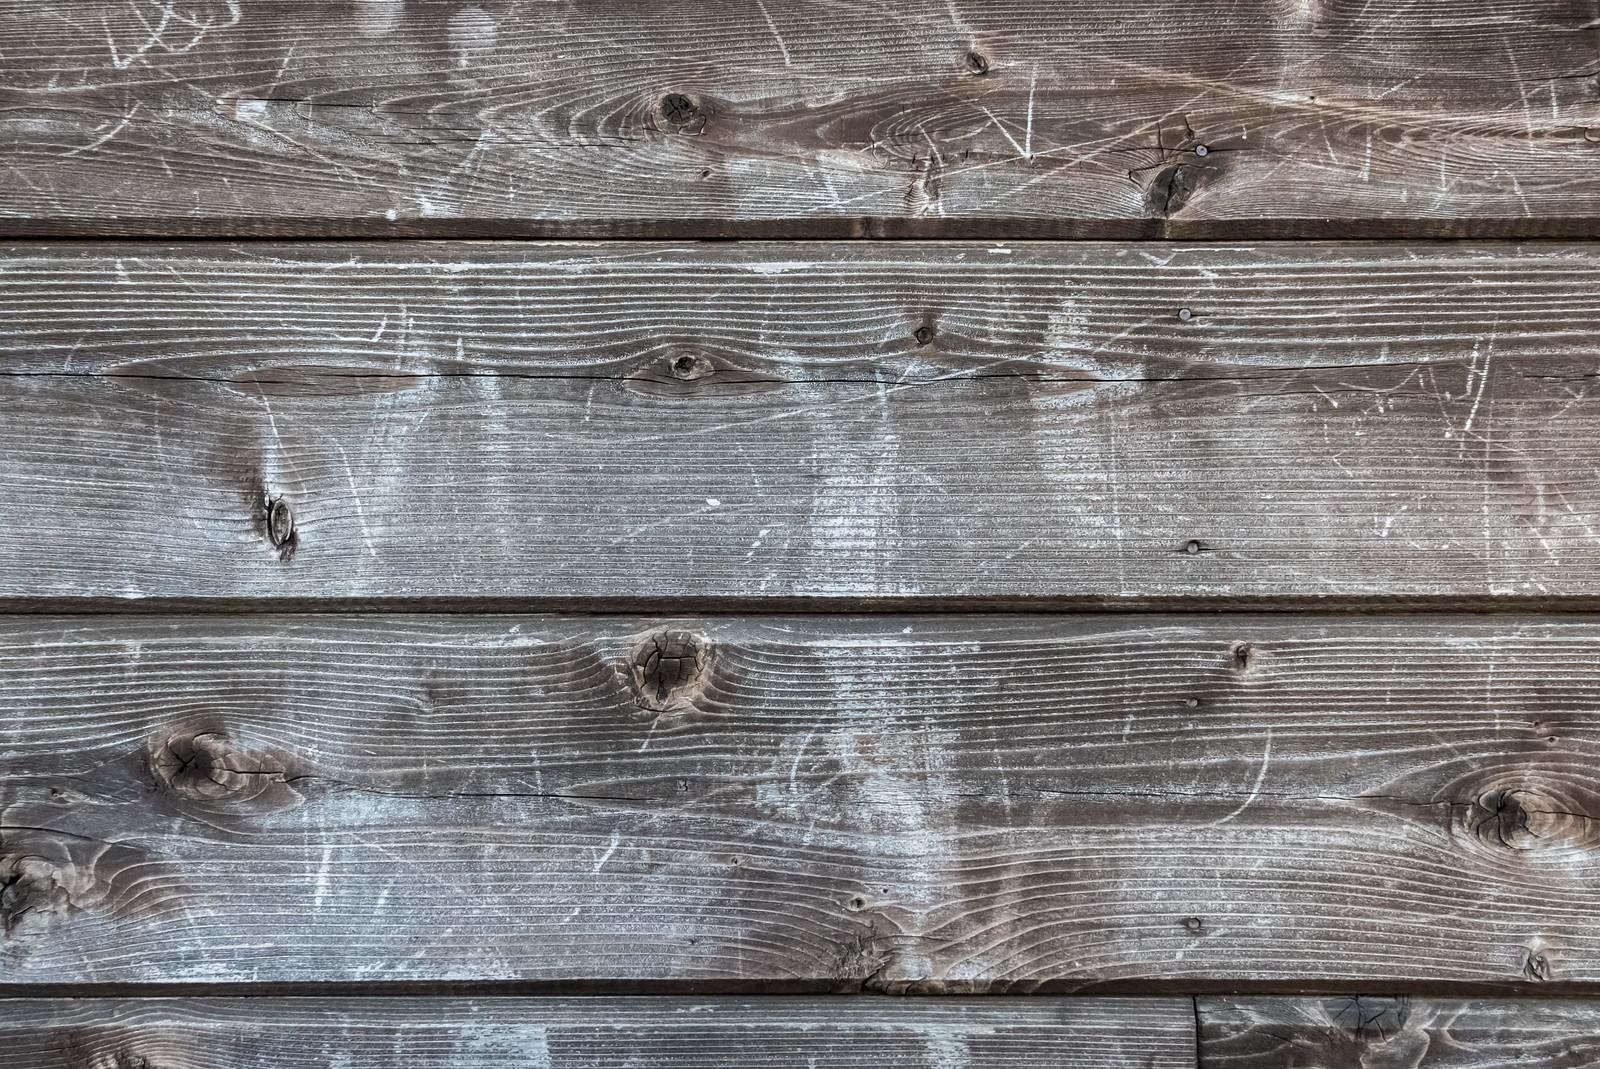 「木造住宅の壁」の写真